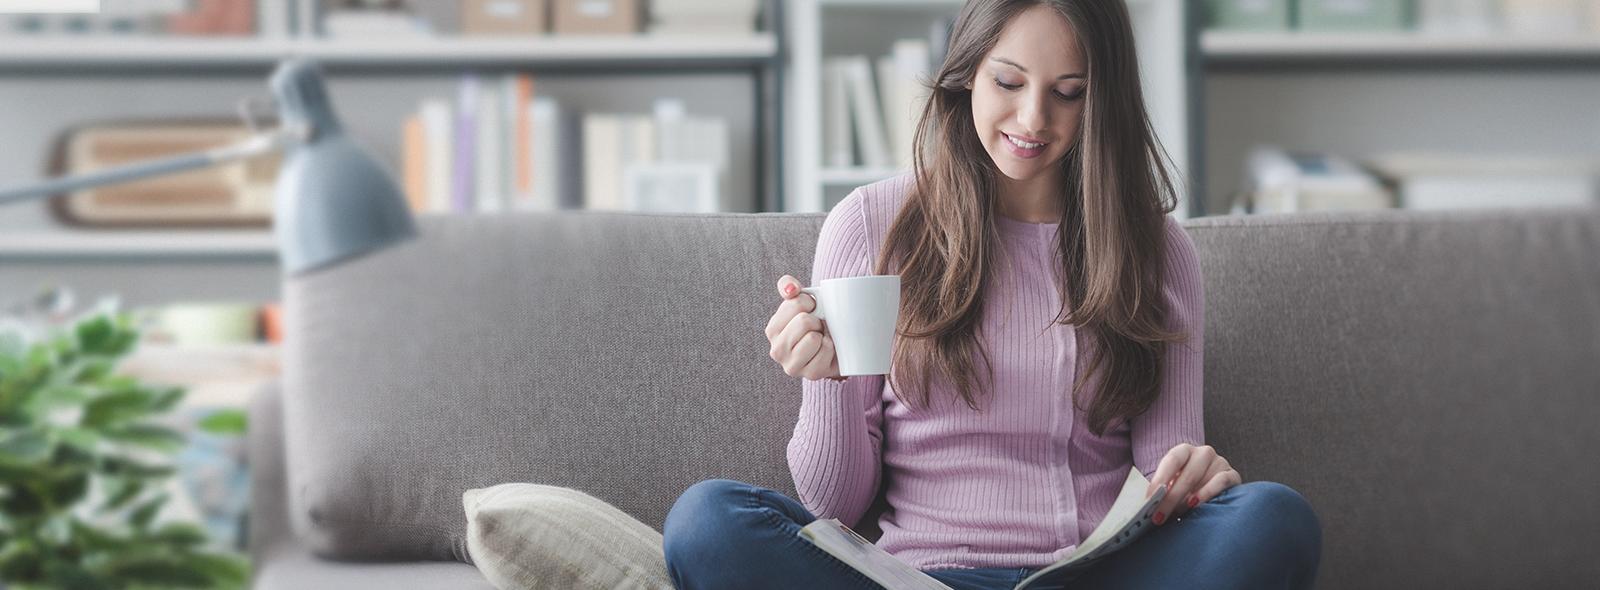 Junge Frau liest Zeitschrift mit Kaffee auf dem Sofa